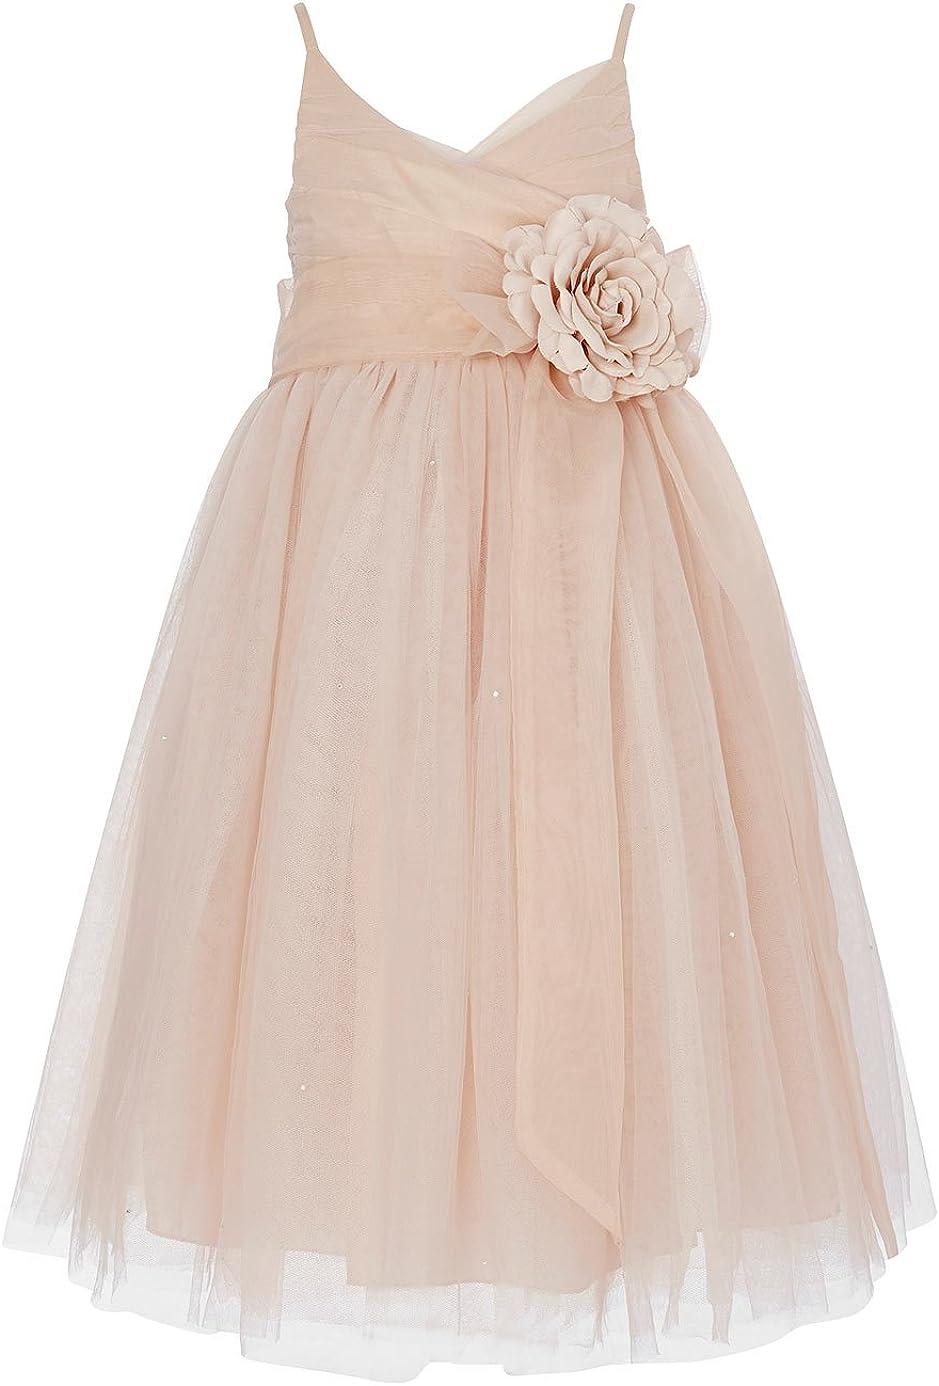 princhar Tulle Flower Girl Dress Junior Bridesmaids Dress Little Girl Toddler Dress